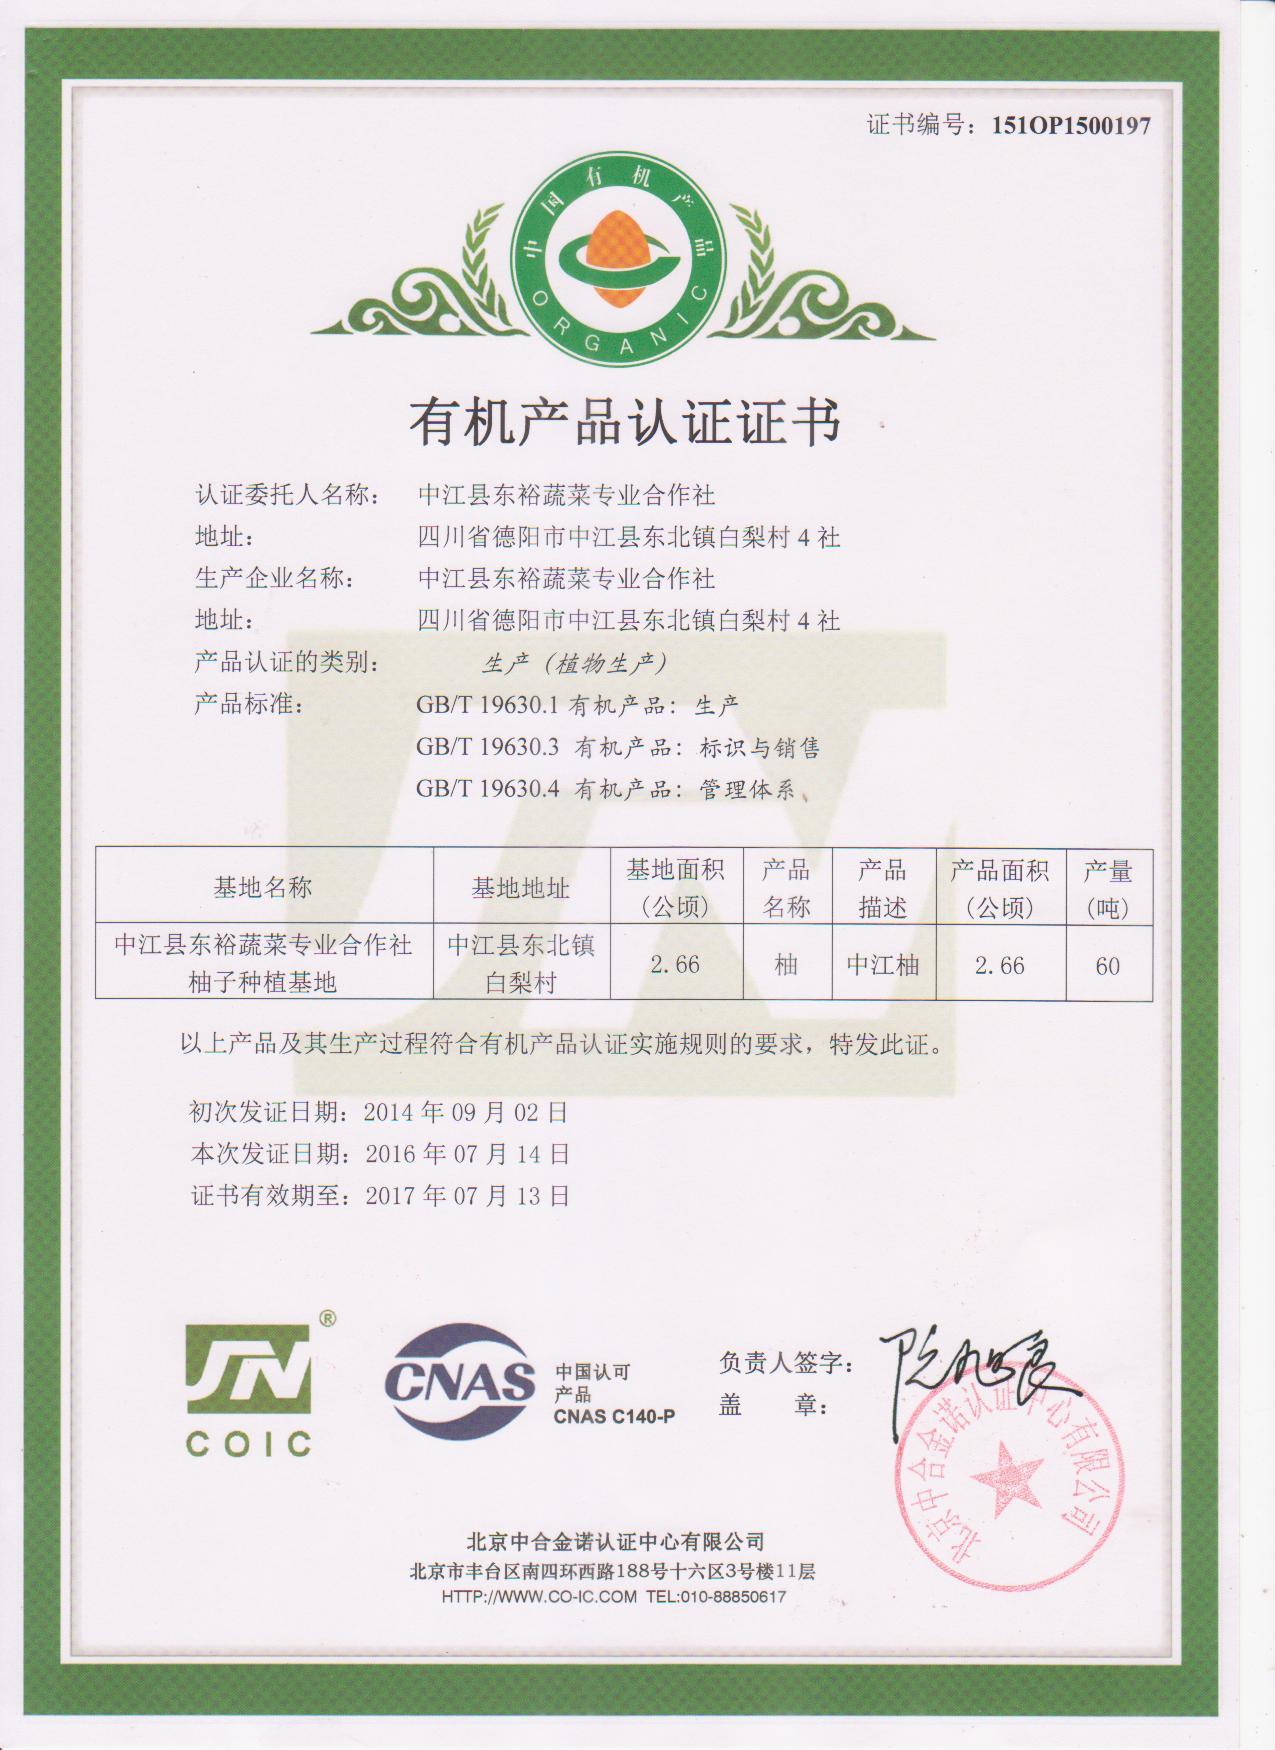 有机产品认证证书2016.7.14柚子